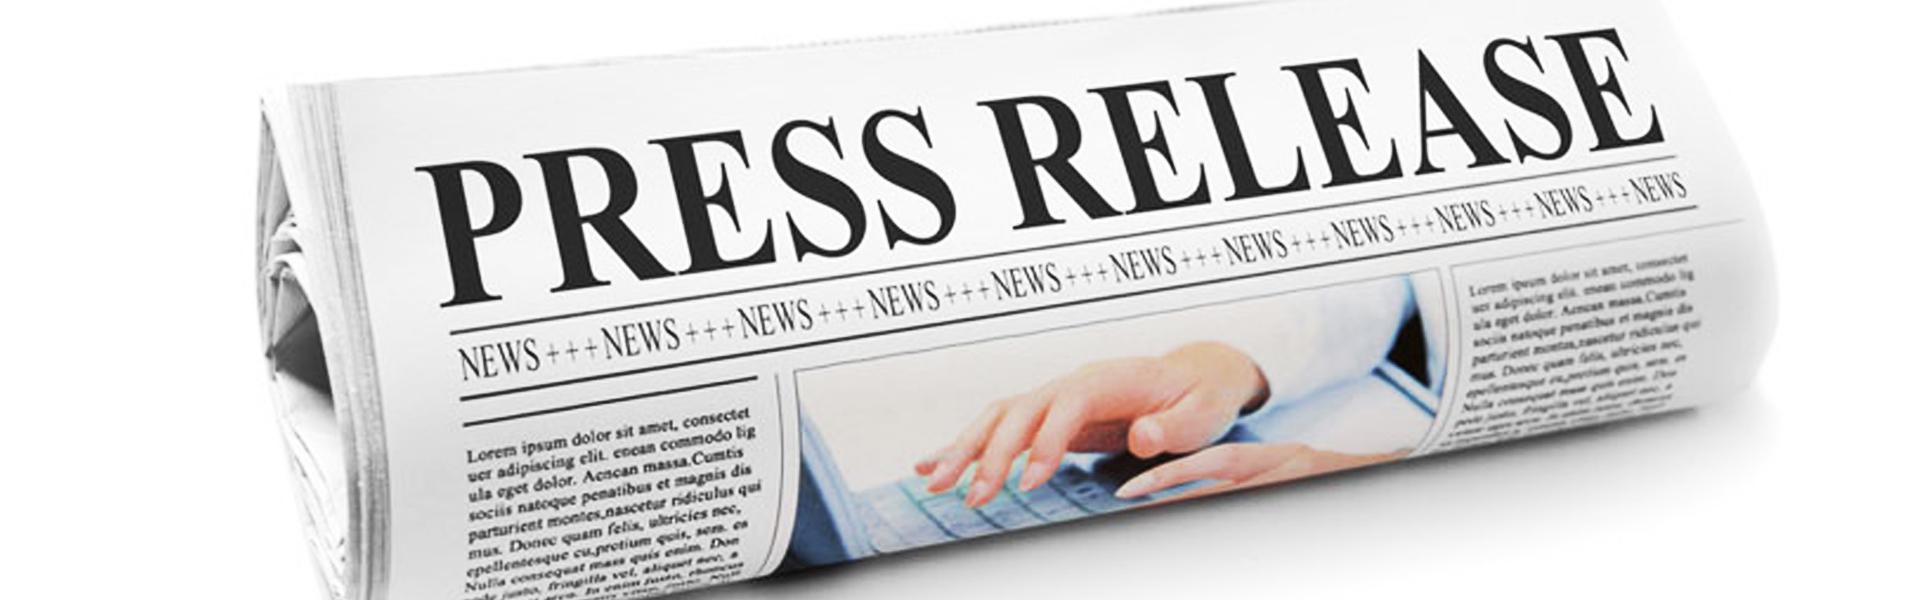 Are-Press-Releases-Still-Relevant-in-201